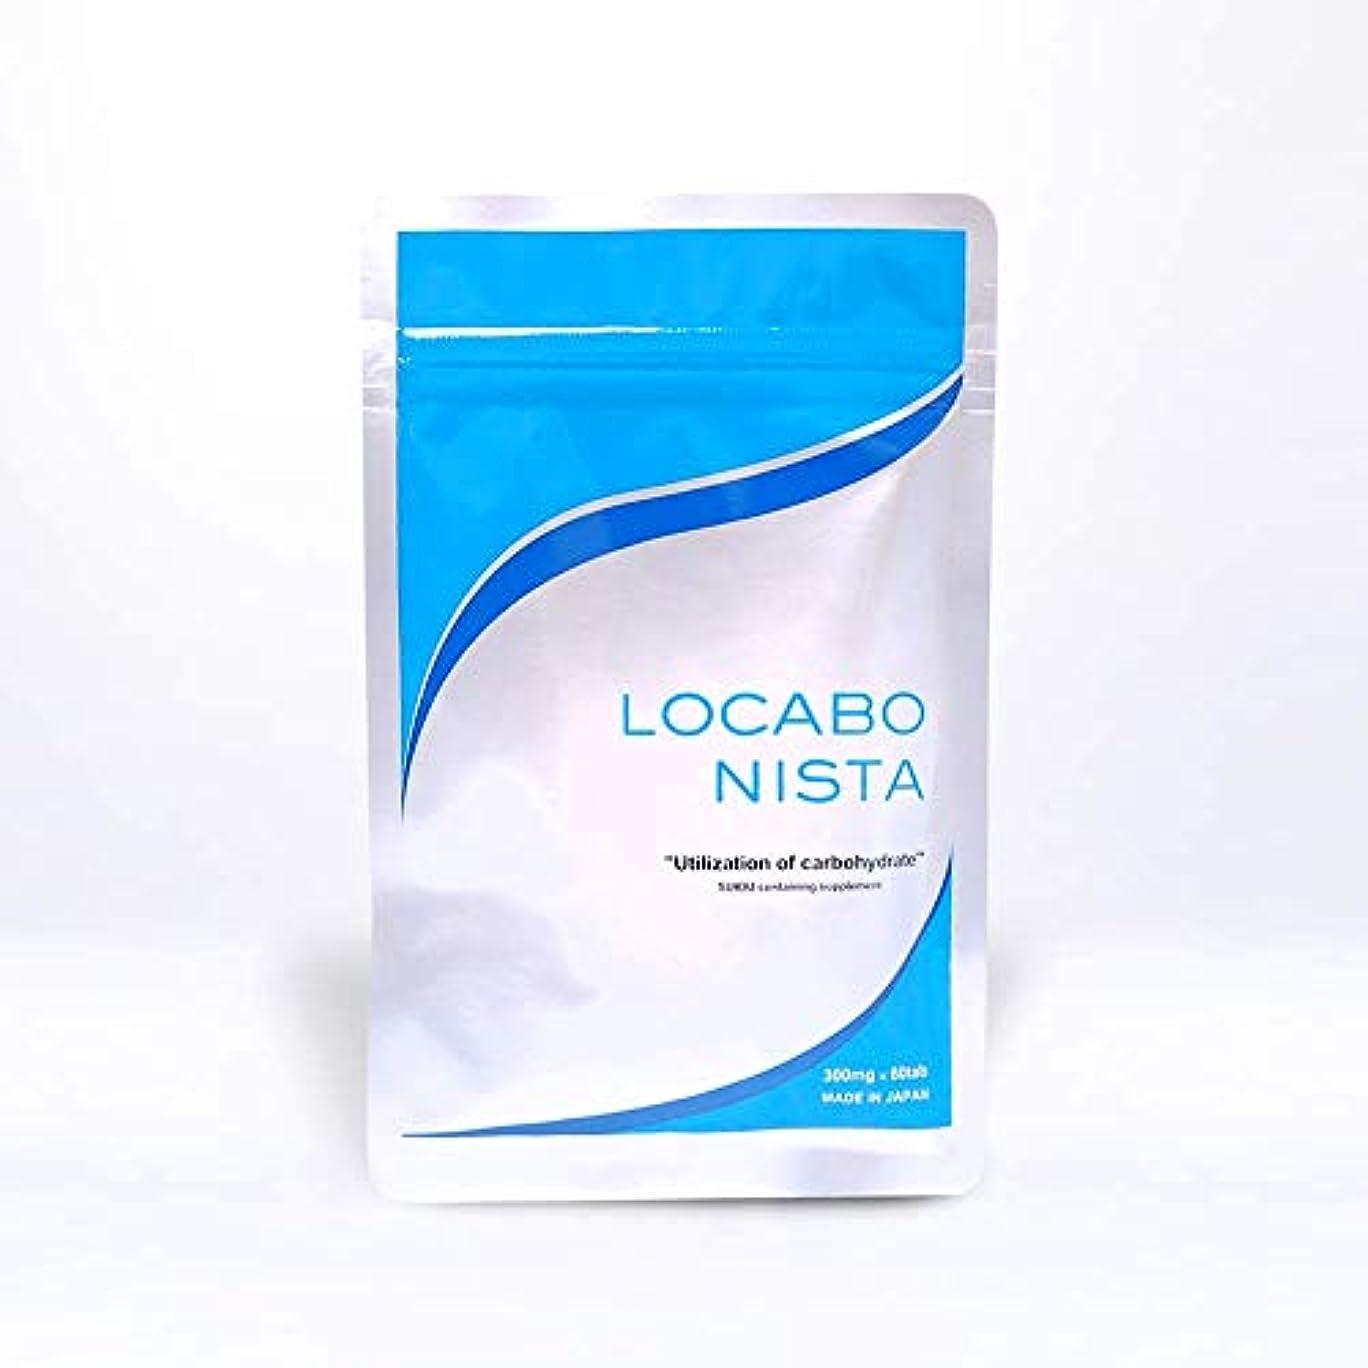 平行抵抗力があるインポートダイエット サプリ 燃焼系 糖質活用 LOCABO NISTA ロカボ ニスタ [ GLP-1 すいおう α-リポ酸 カテキン クロロゲン酸 サプリメント 糖質 コントロール 短期 スリム]